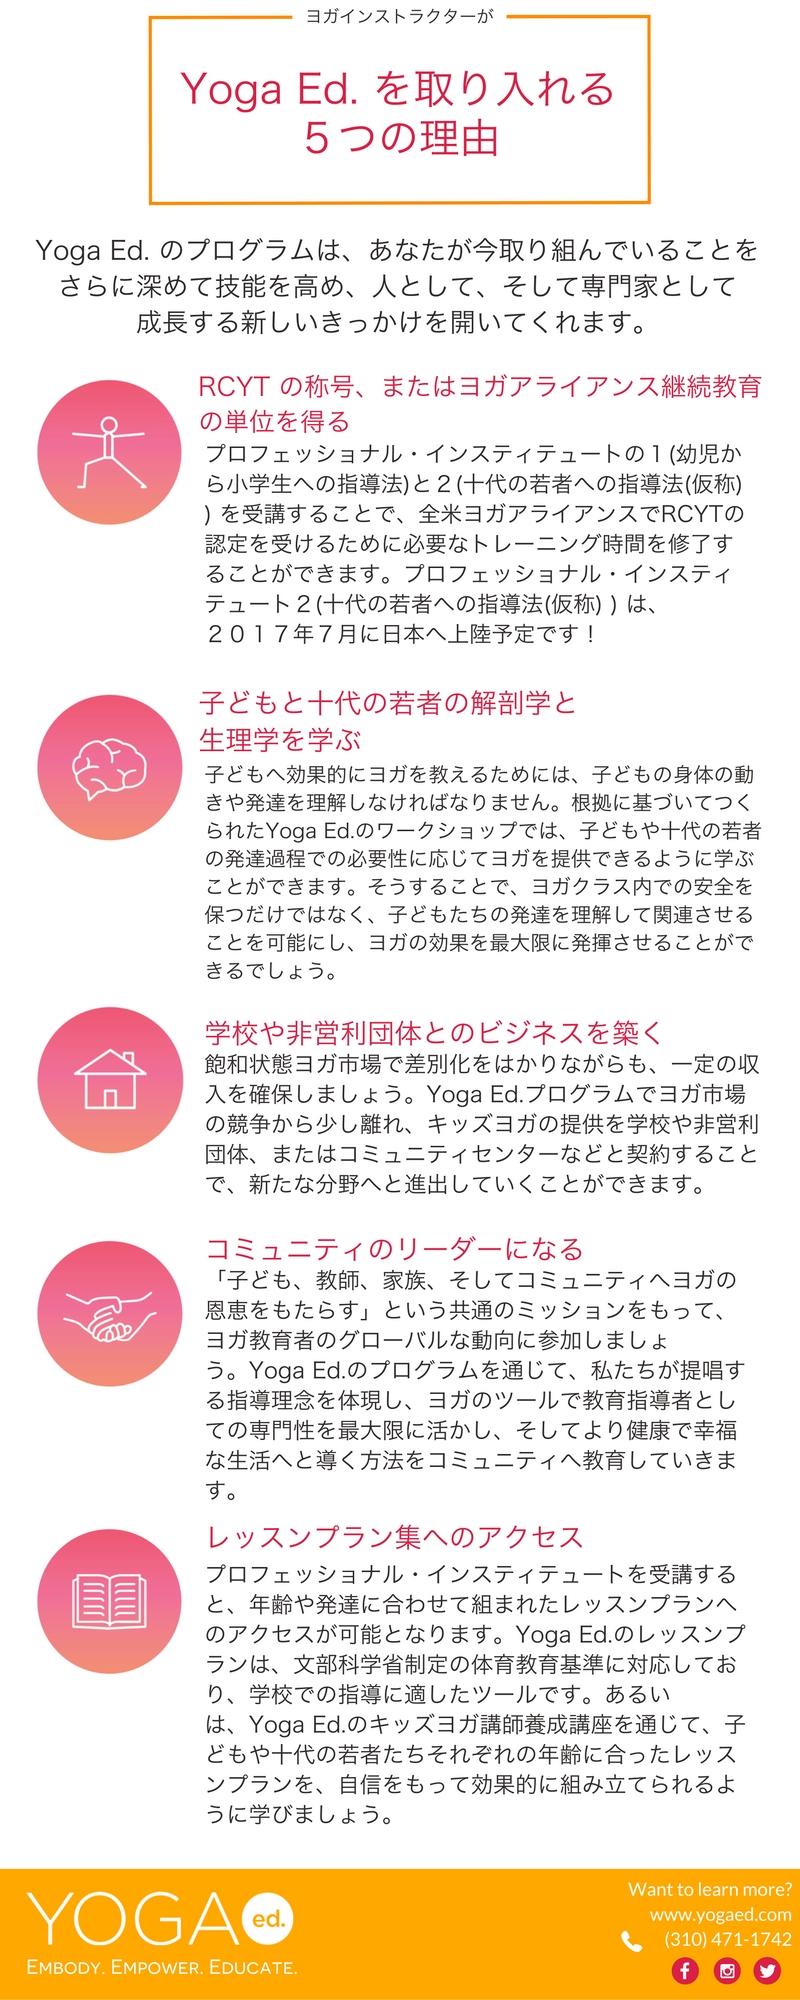 5-Reasons-for-Yoga-Teachers-JP-Infographic.jpg